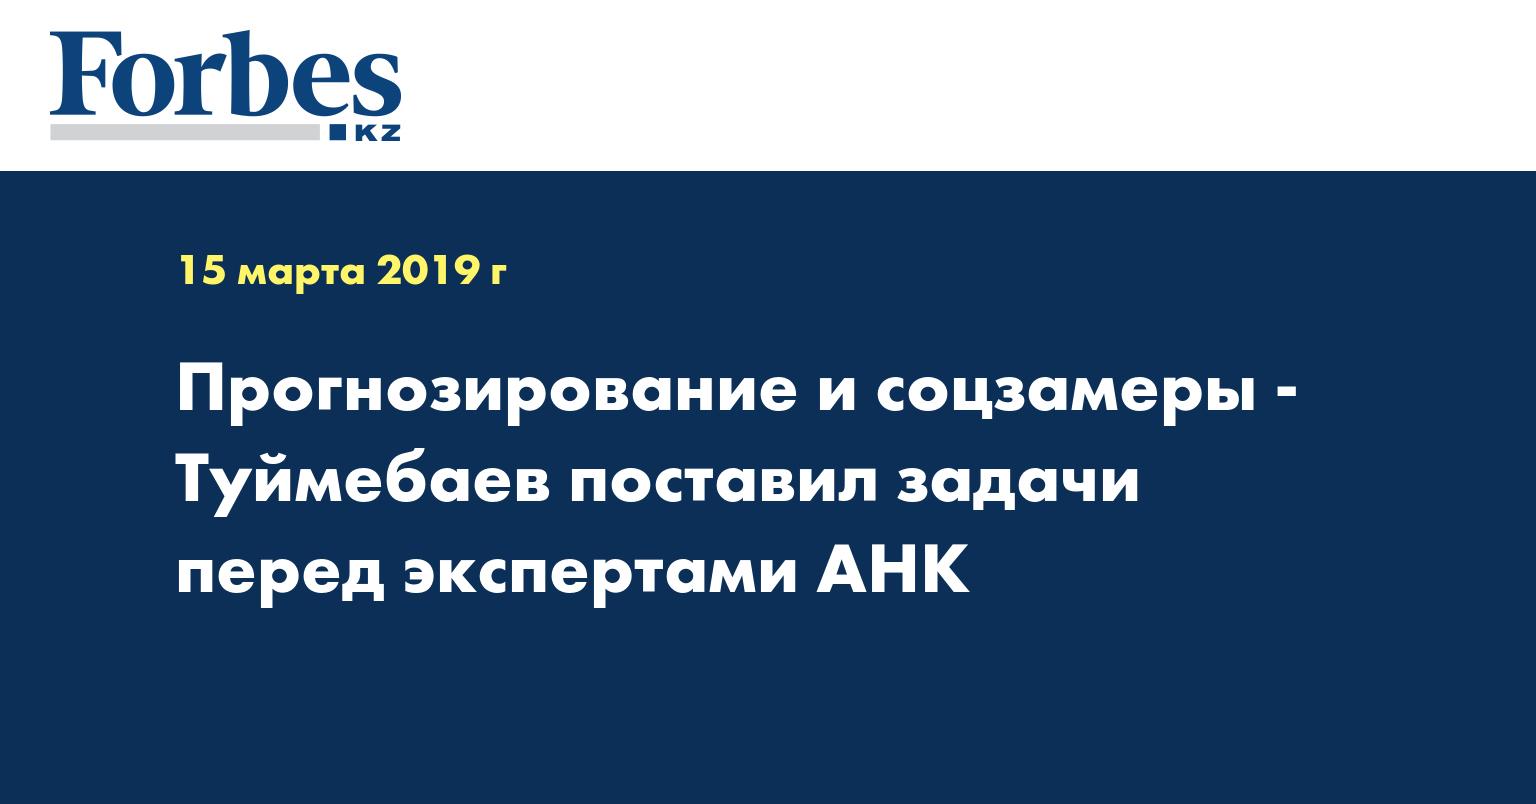 Прогнозирование и соцзамеры - Туймебаев поставил задачи перед экспертами АНК